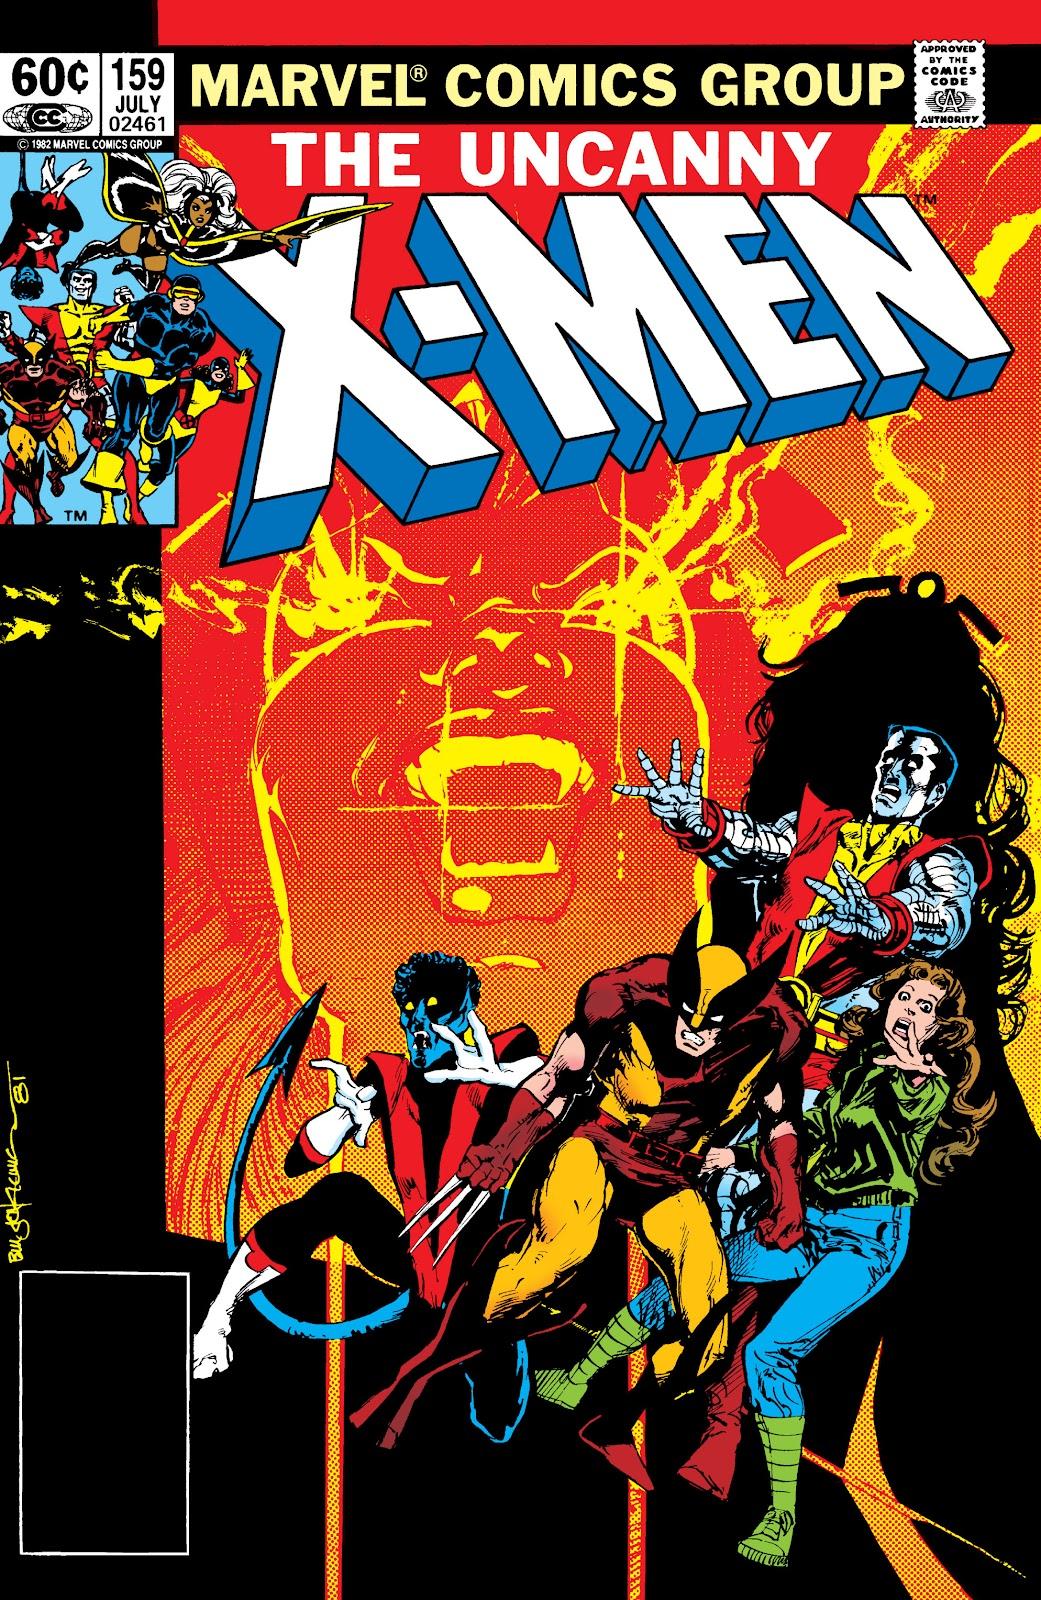 Uncanny X-Men (1963) 159 Page 1